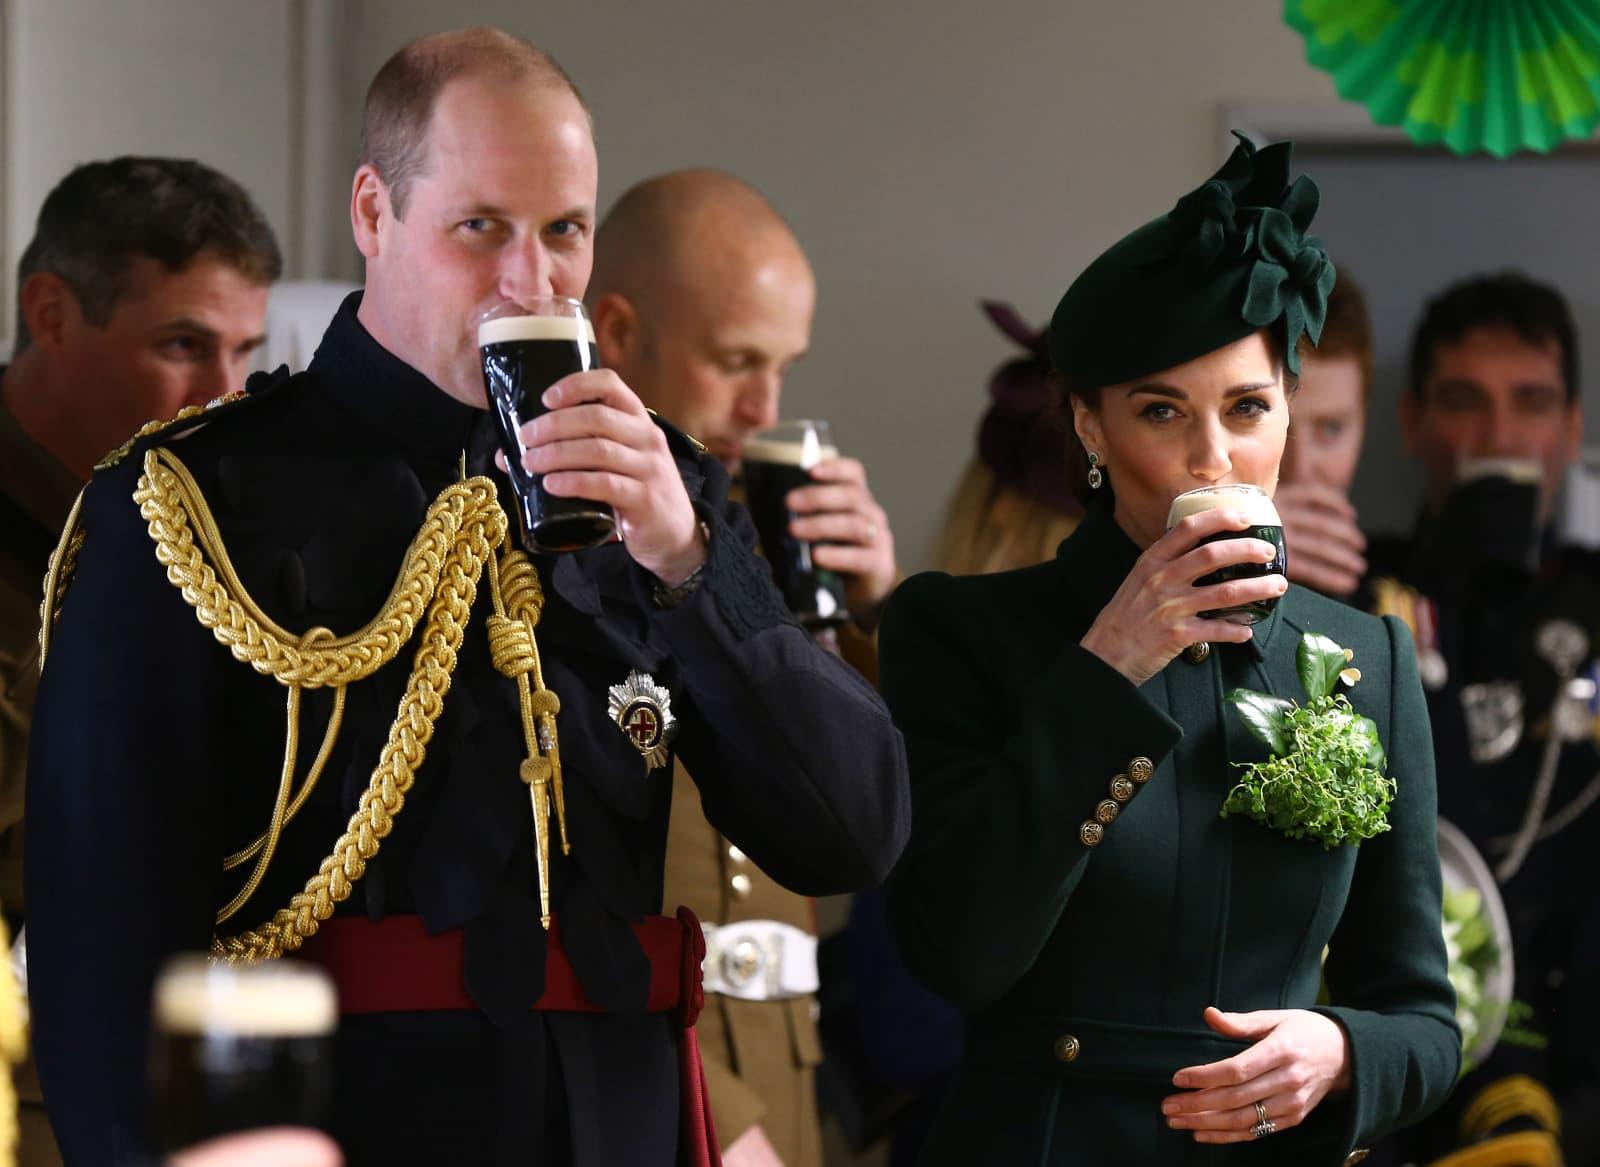 St. Patrick's Day: So ausgelassen feiern die Royals